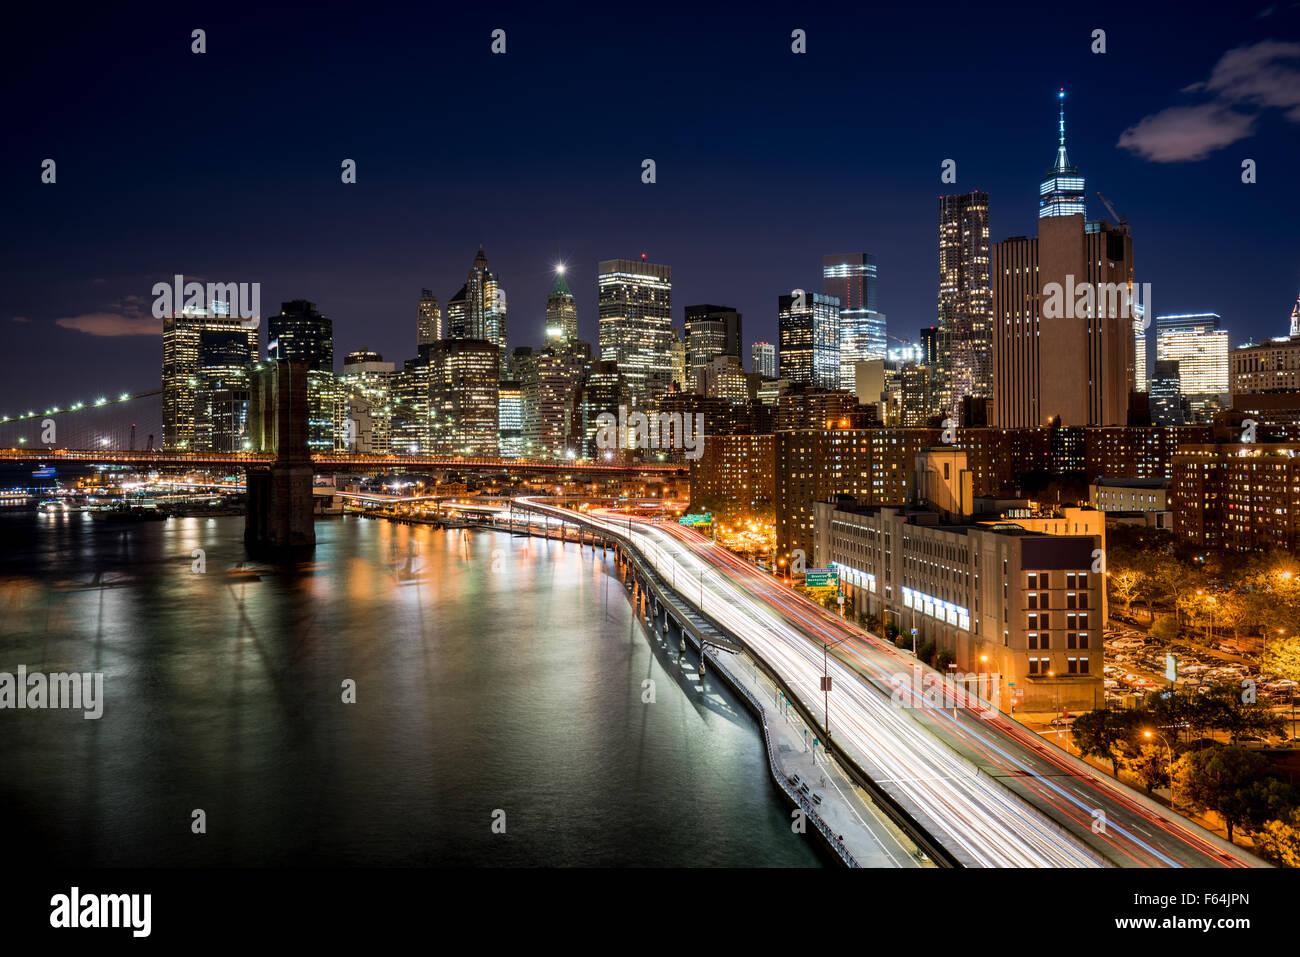 Cityscape at night de Lower Manhattan Quartier Financier avec des gratte-ciel illuminés et World Trade Center. Photo Stock